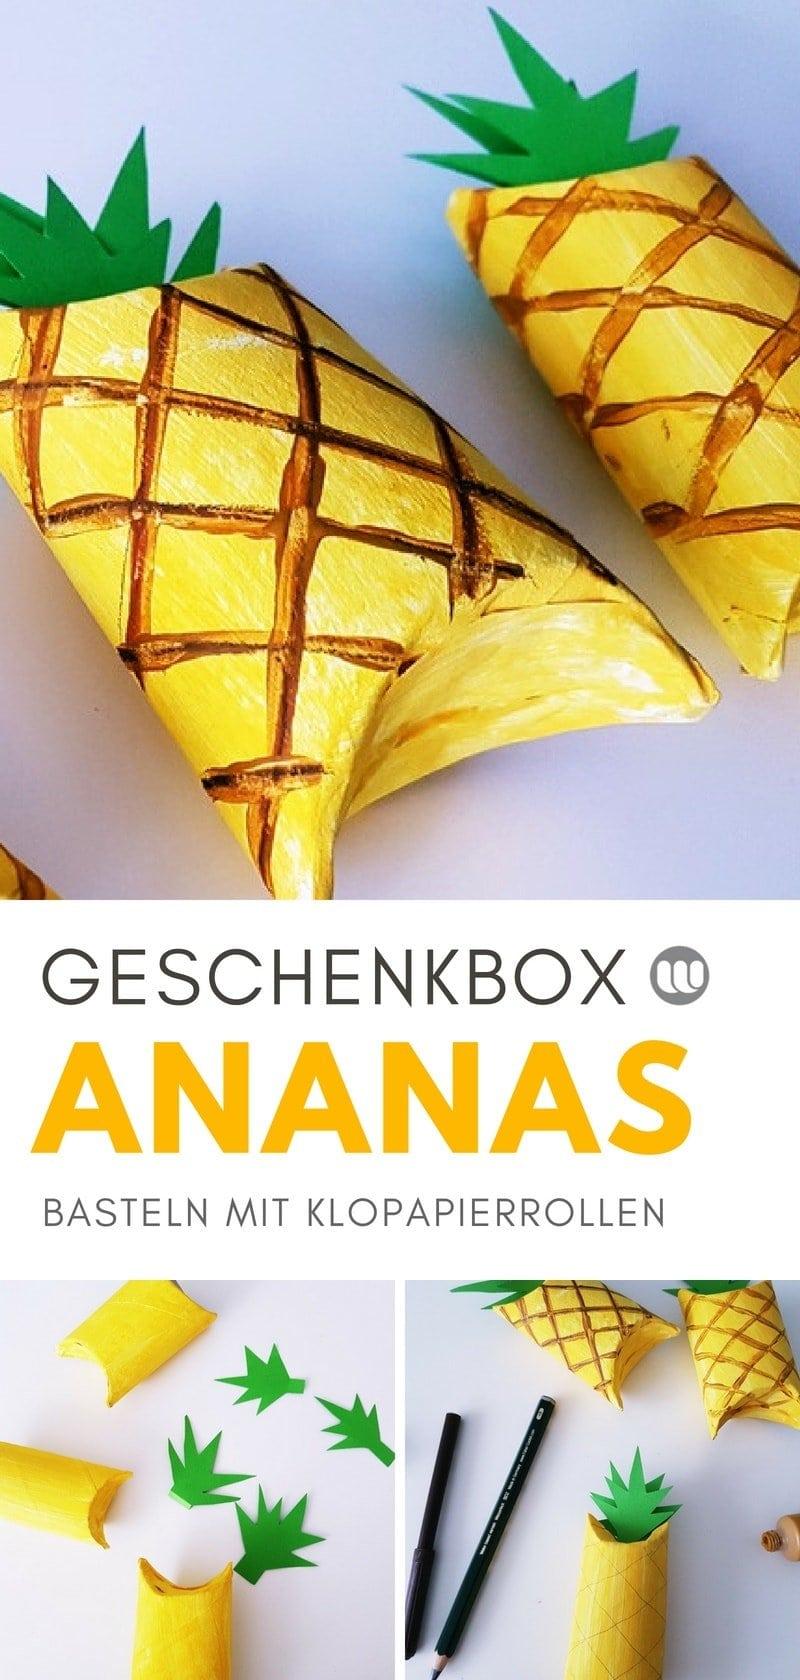 Geschenkverpackung #Klopapierrolle #Ananas #Geschenkverpackung #Frucht #Geschenkbox #Kindergarten #KITA #Schule #Kinder #Kunst #DIY